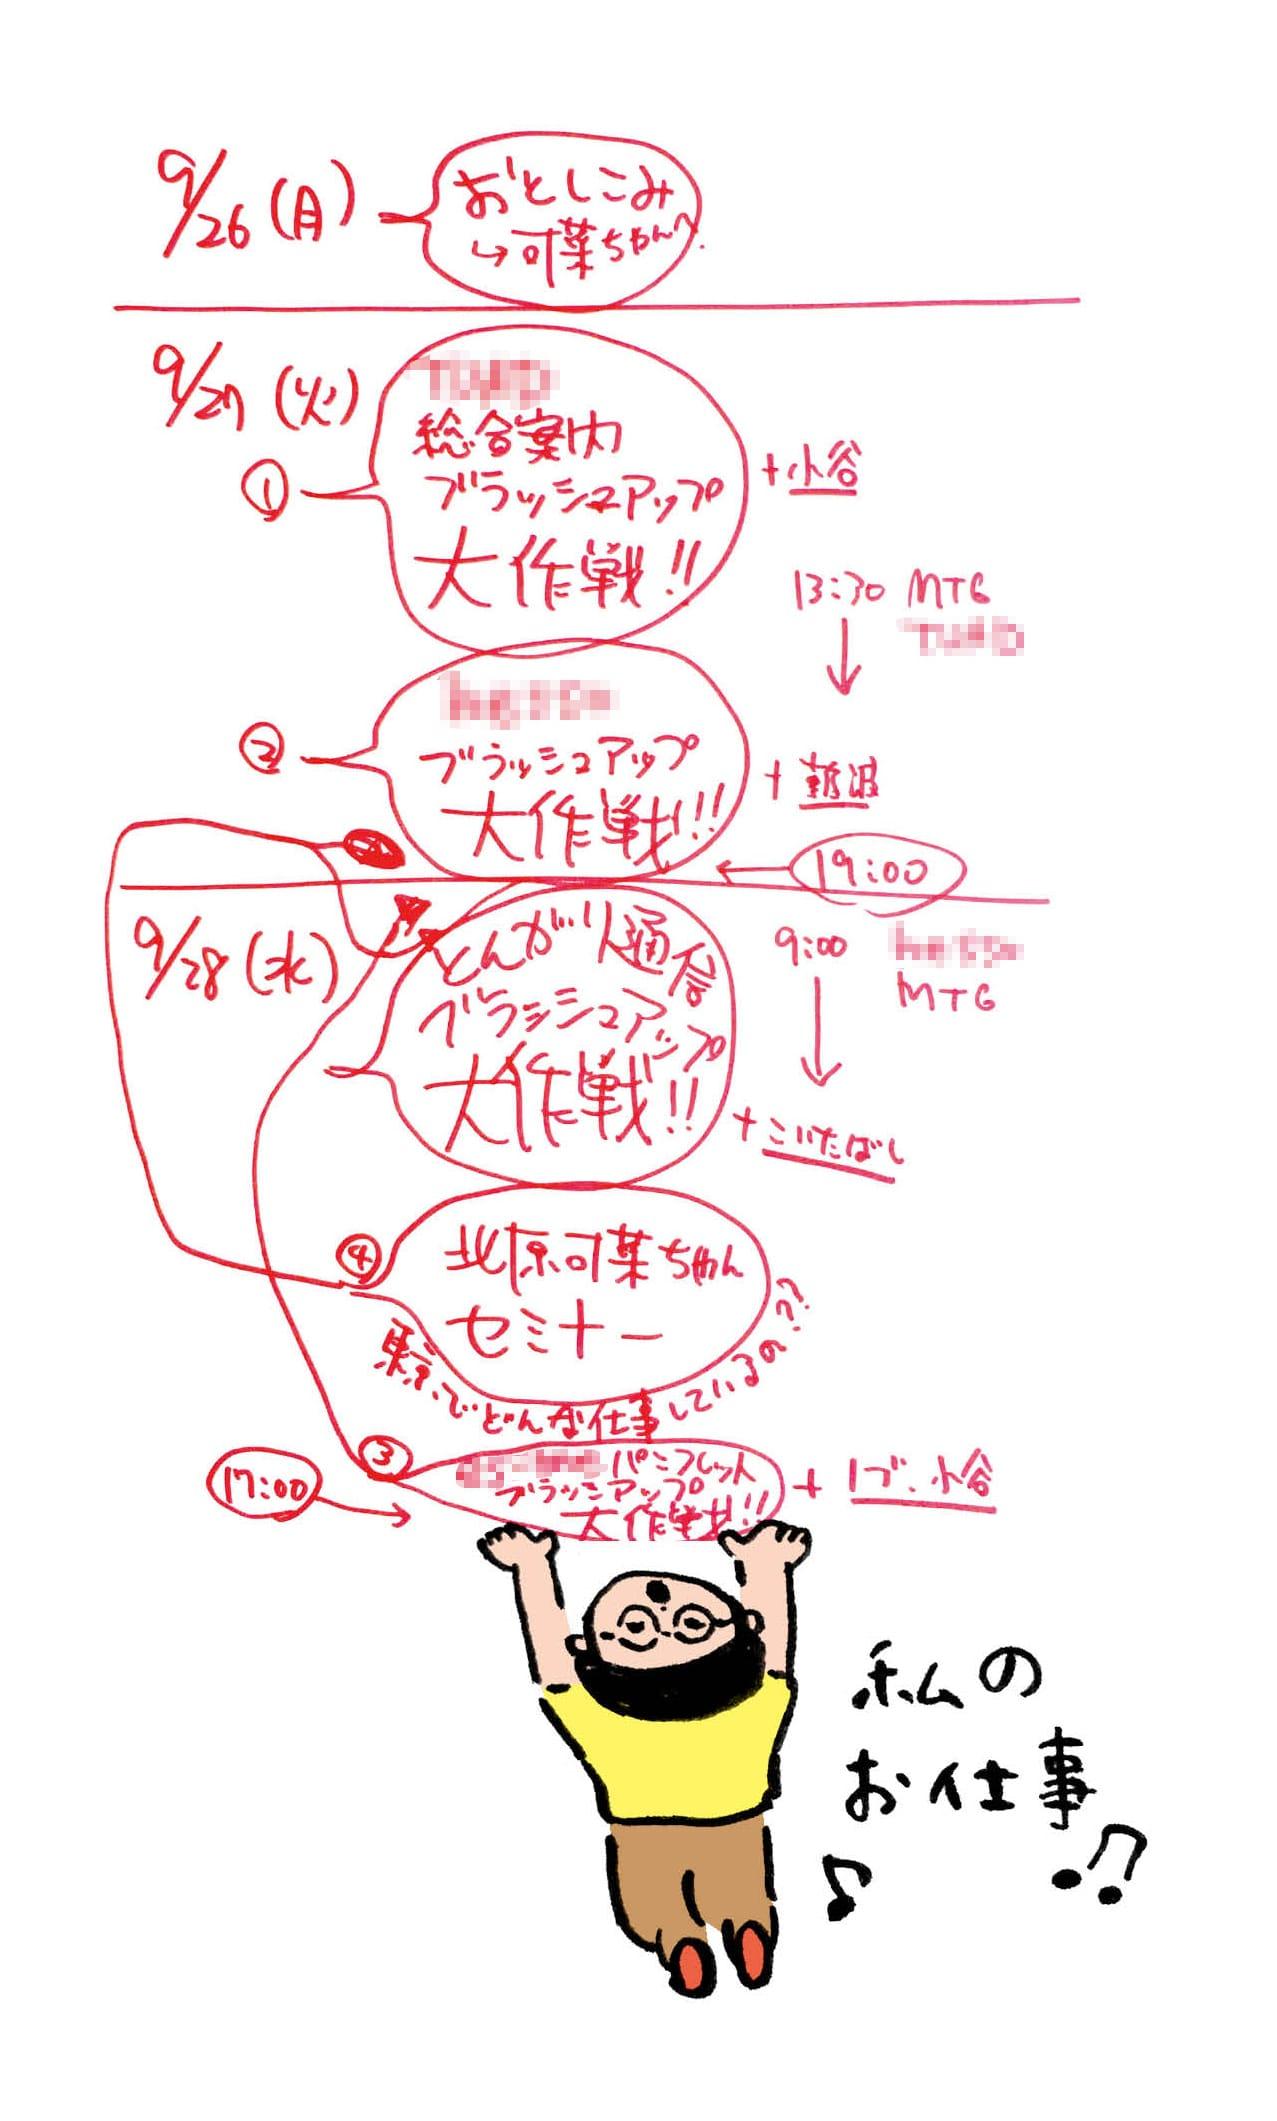 hinagata_yamagata_2-6-1